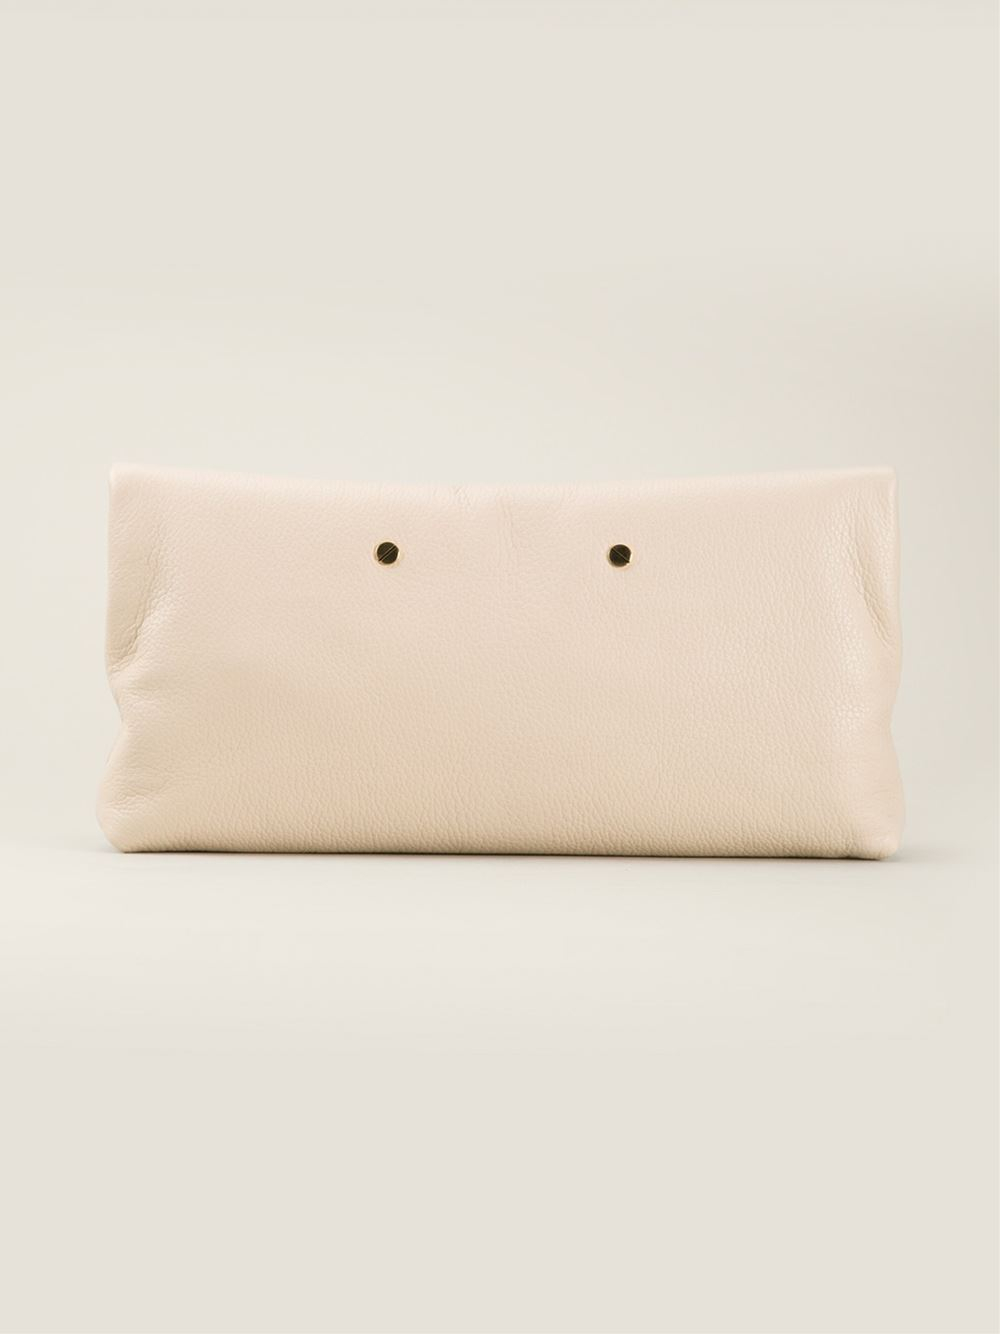 replica chloe bags uk - Chlo�� \u0026#39;Drew\u0026#39; Clutch in Beige (nude \u0026amp; neutrals) | Lyst